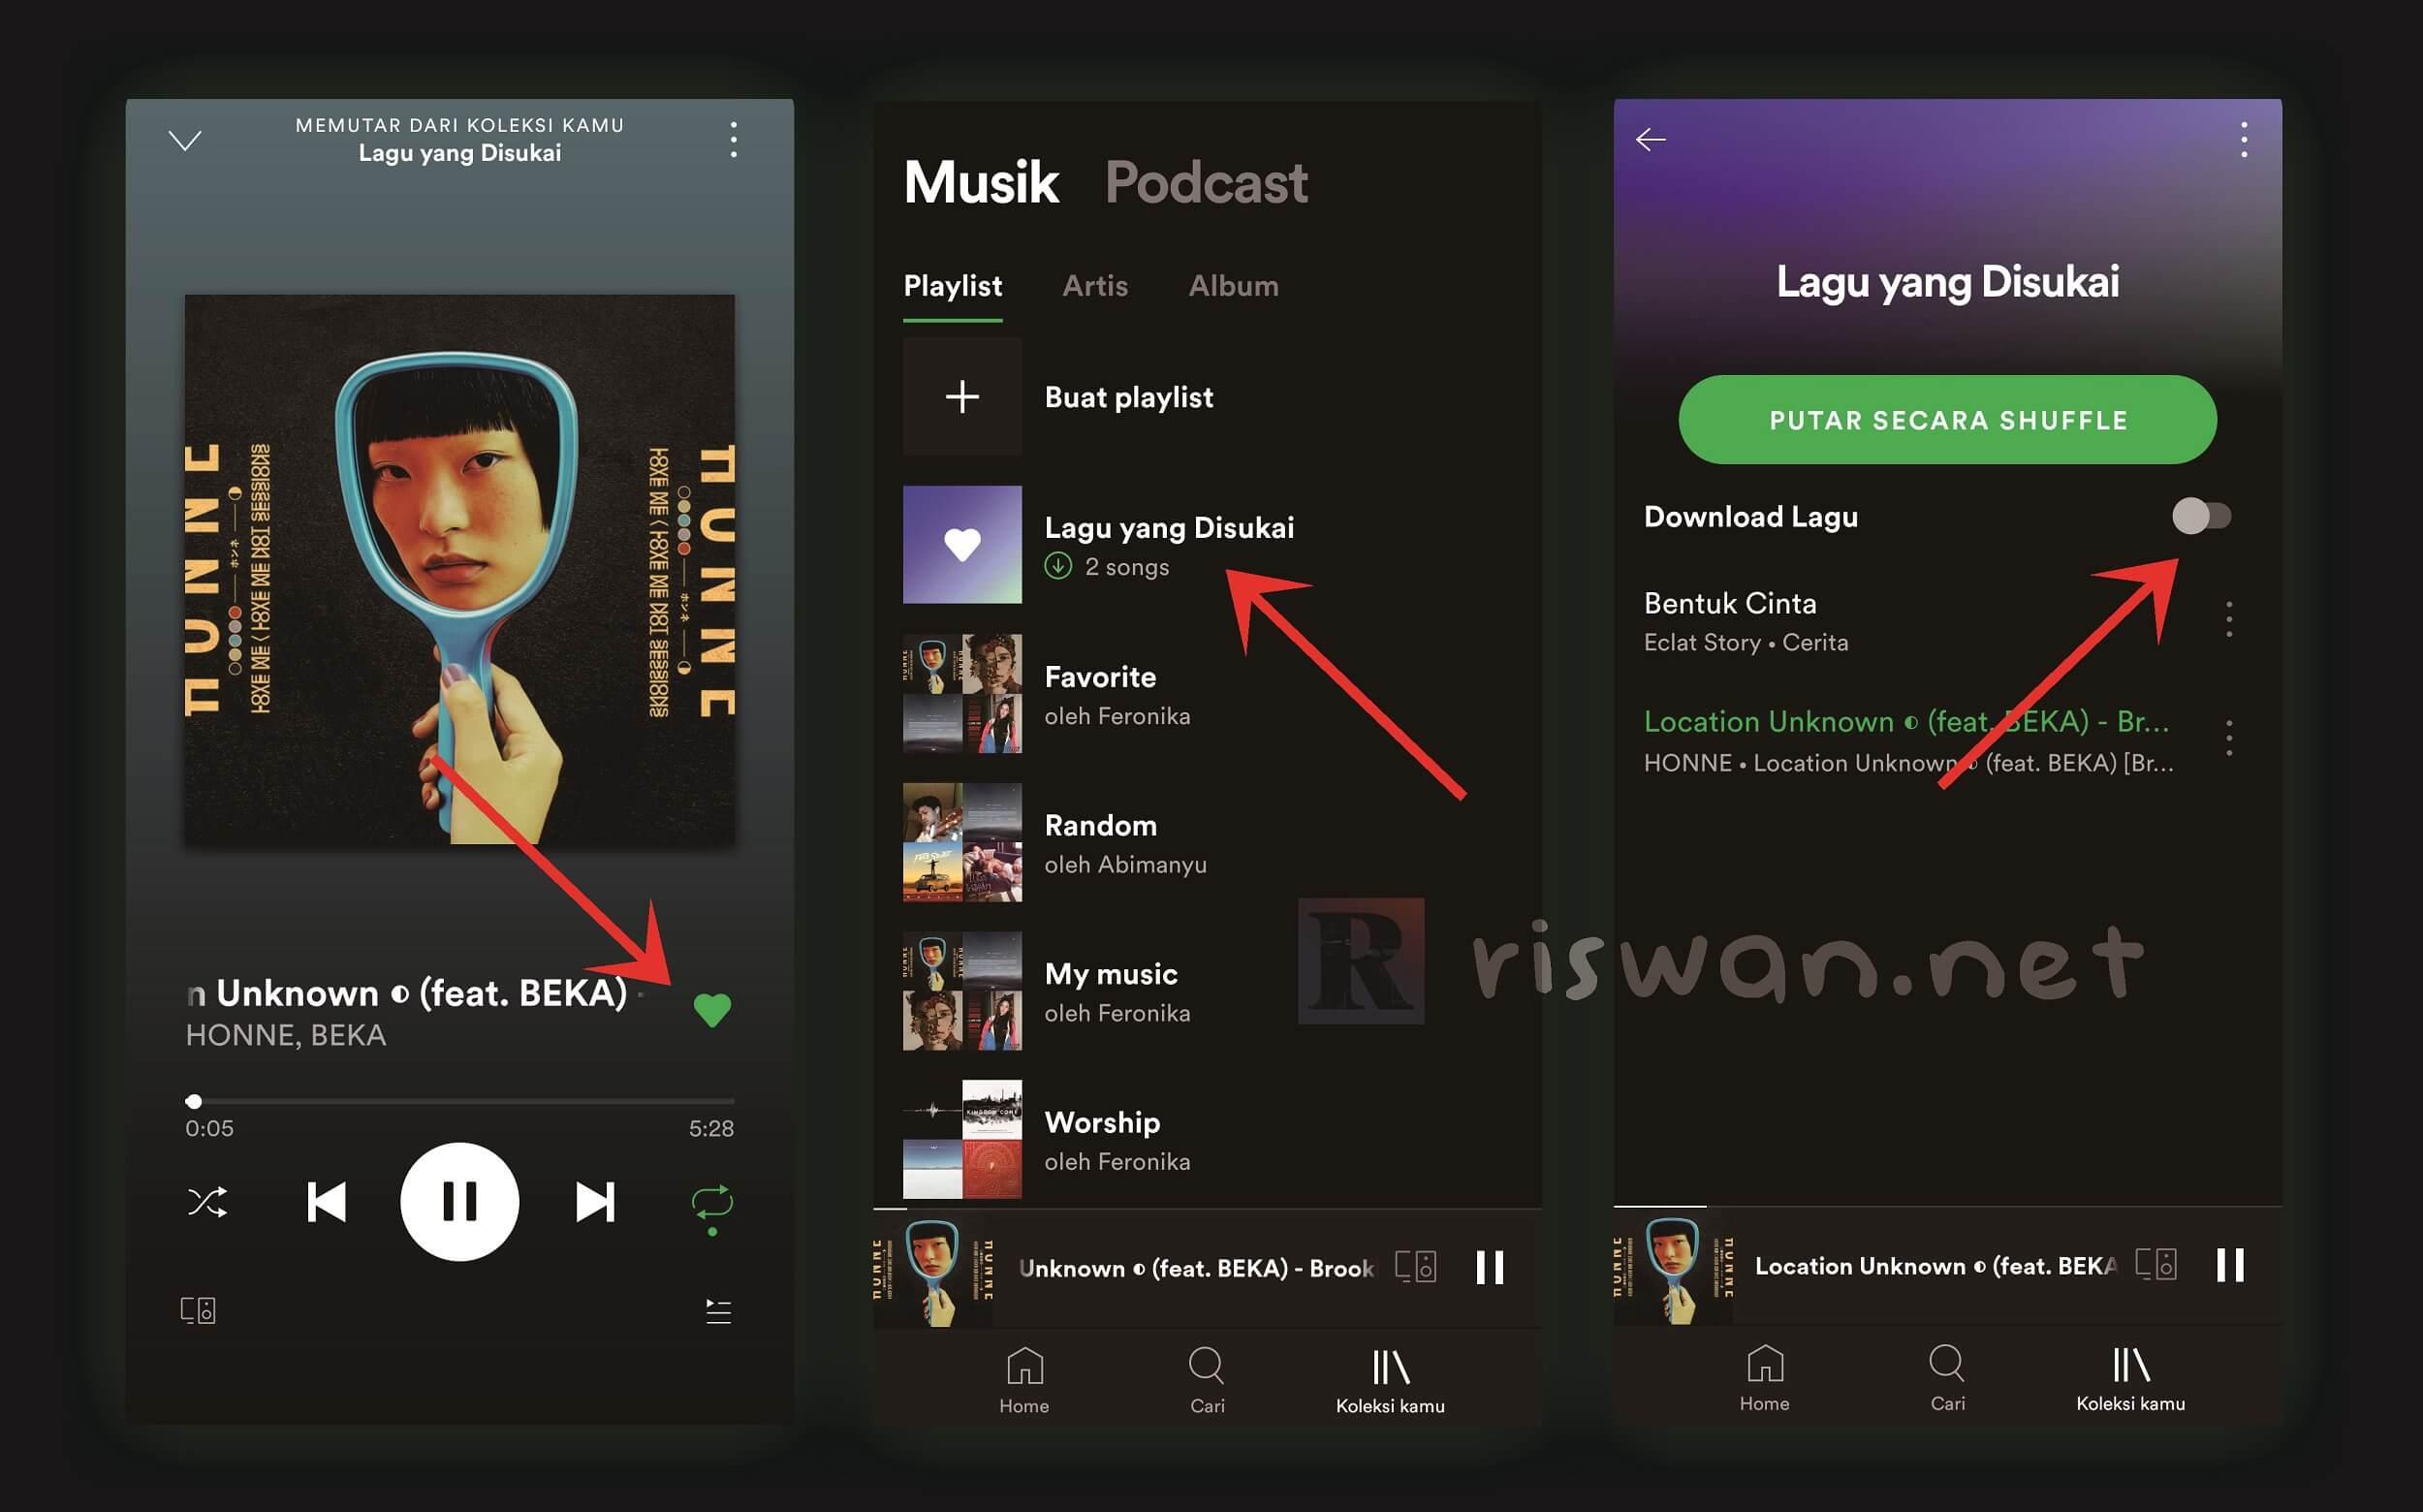 Cara Download Lagu Spotify di HP android